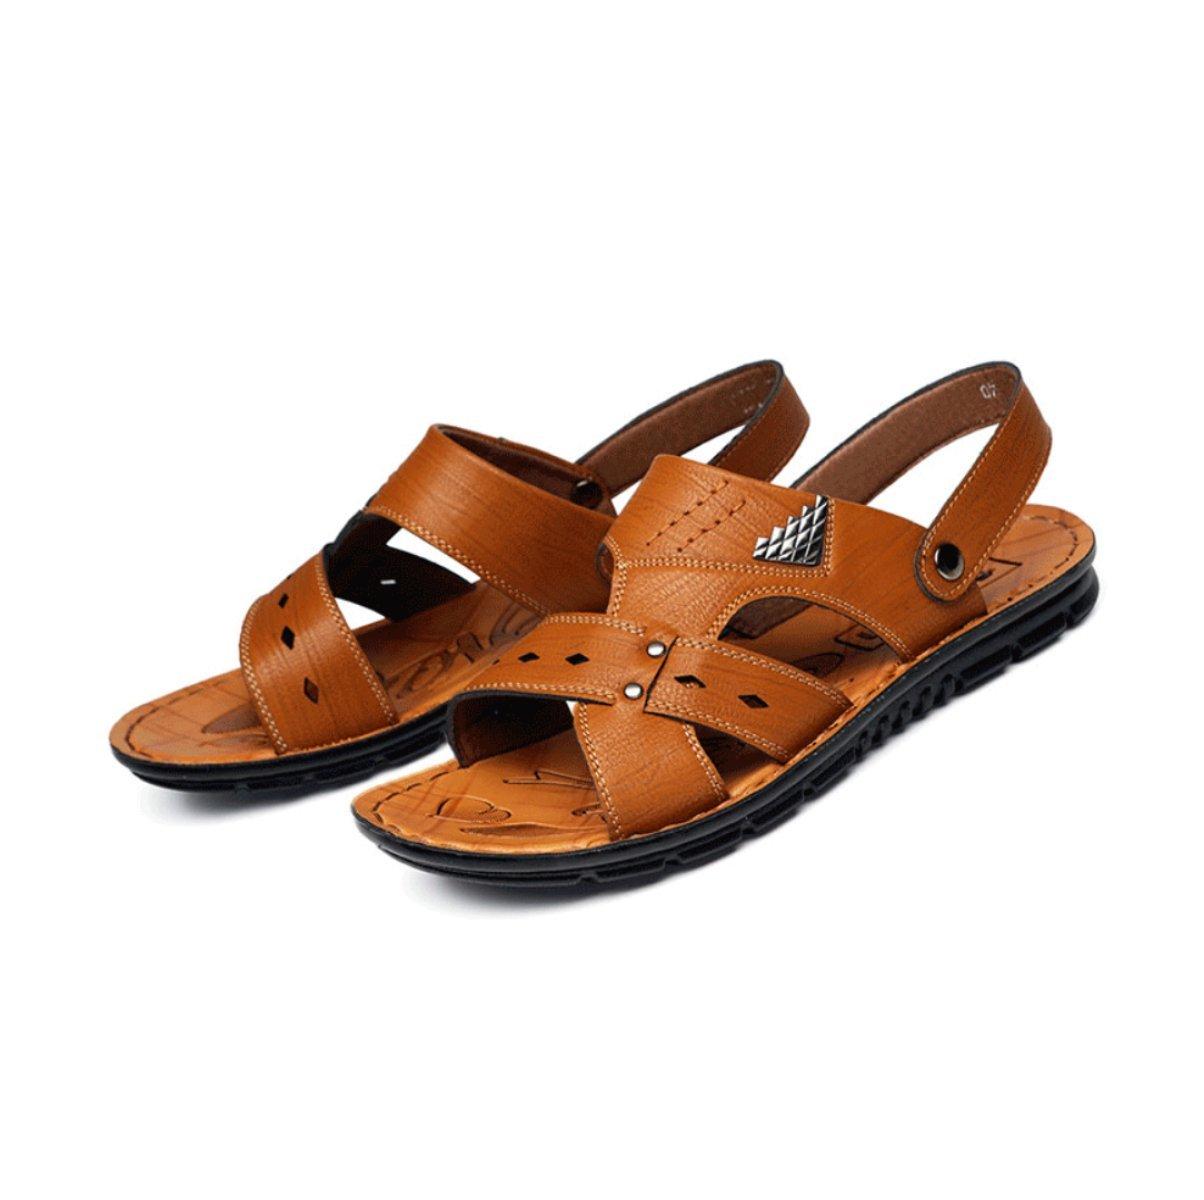 LYZGF Zapatillas Antideslizantes De La Playa De La Moda Casual del Verano De La Juventud De Los Hombres 42 EU|Brown